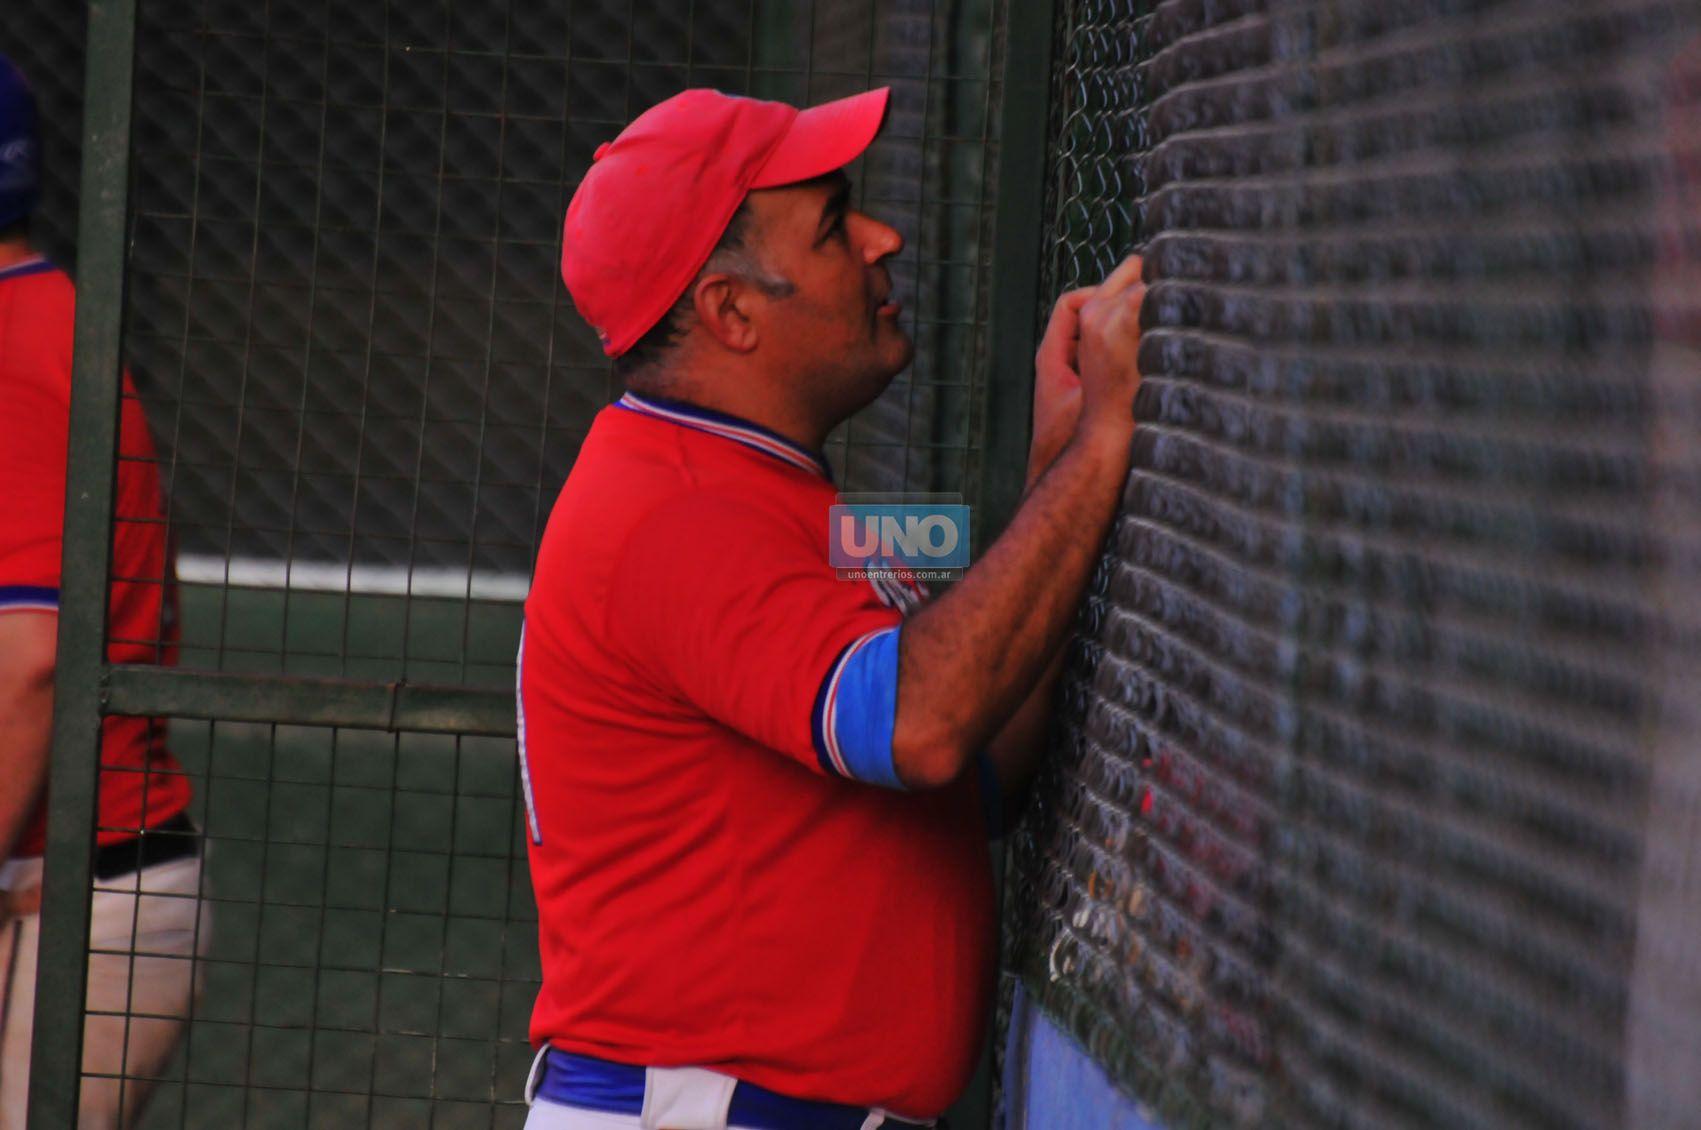 Da órdenes. Uno de los entrenadores de Pilar de Buenos Aires habla a uno de sus jugadores luego de una jugada en la definición de ayer por la tarde en Paraná.  (Foto UNO/Juan Manuel Hernández)